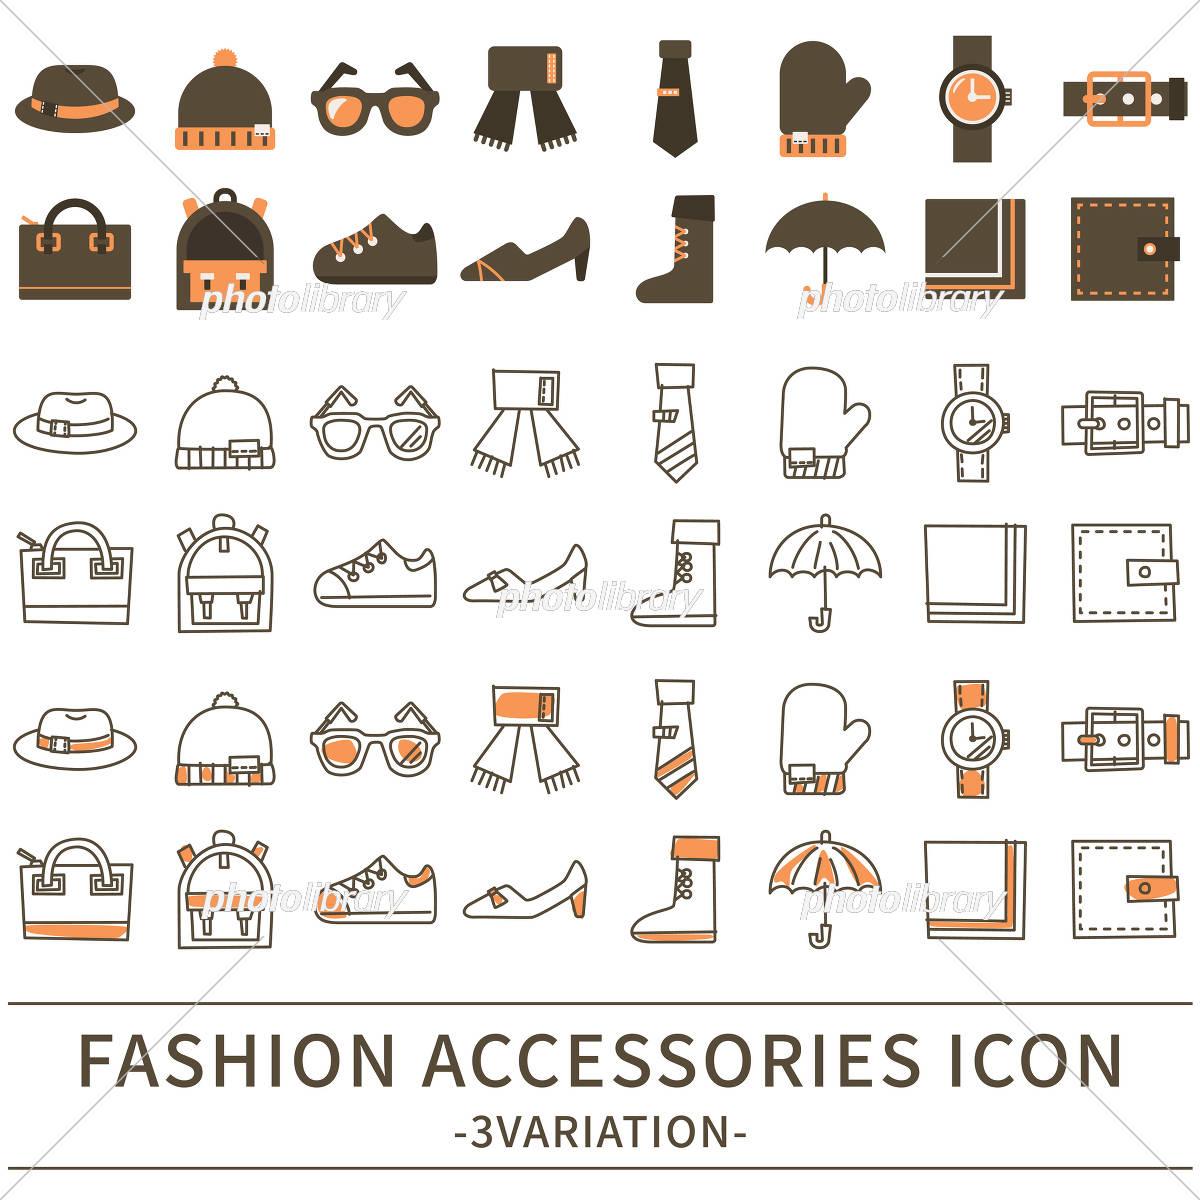 ファッション雑貨 アイコン セット イラスト素材 [ 5197537 ] - フォト